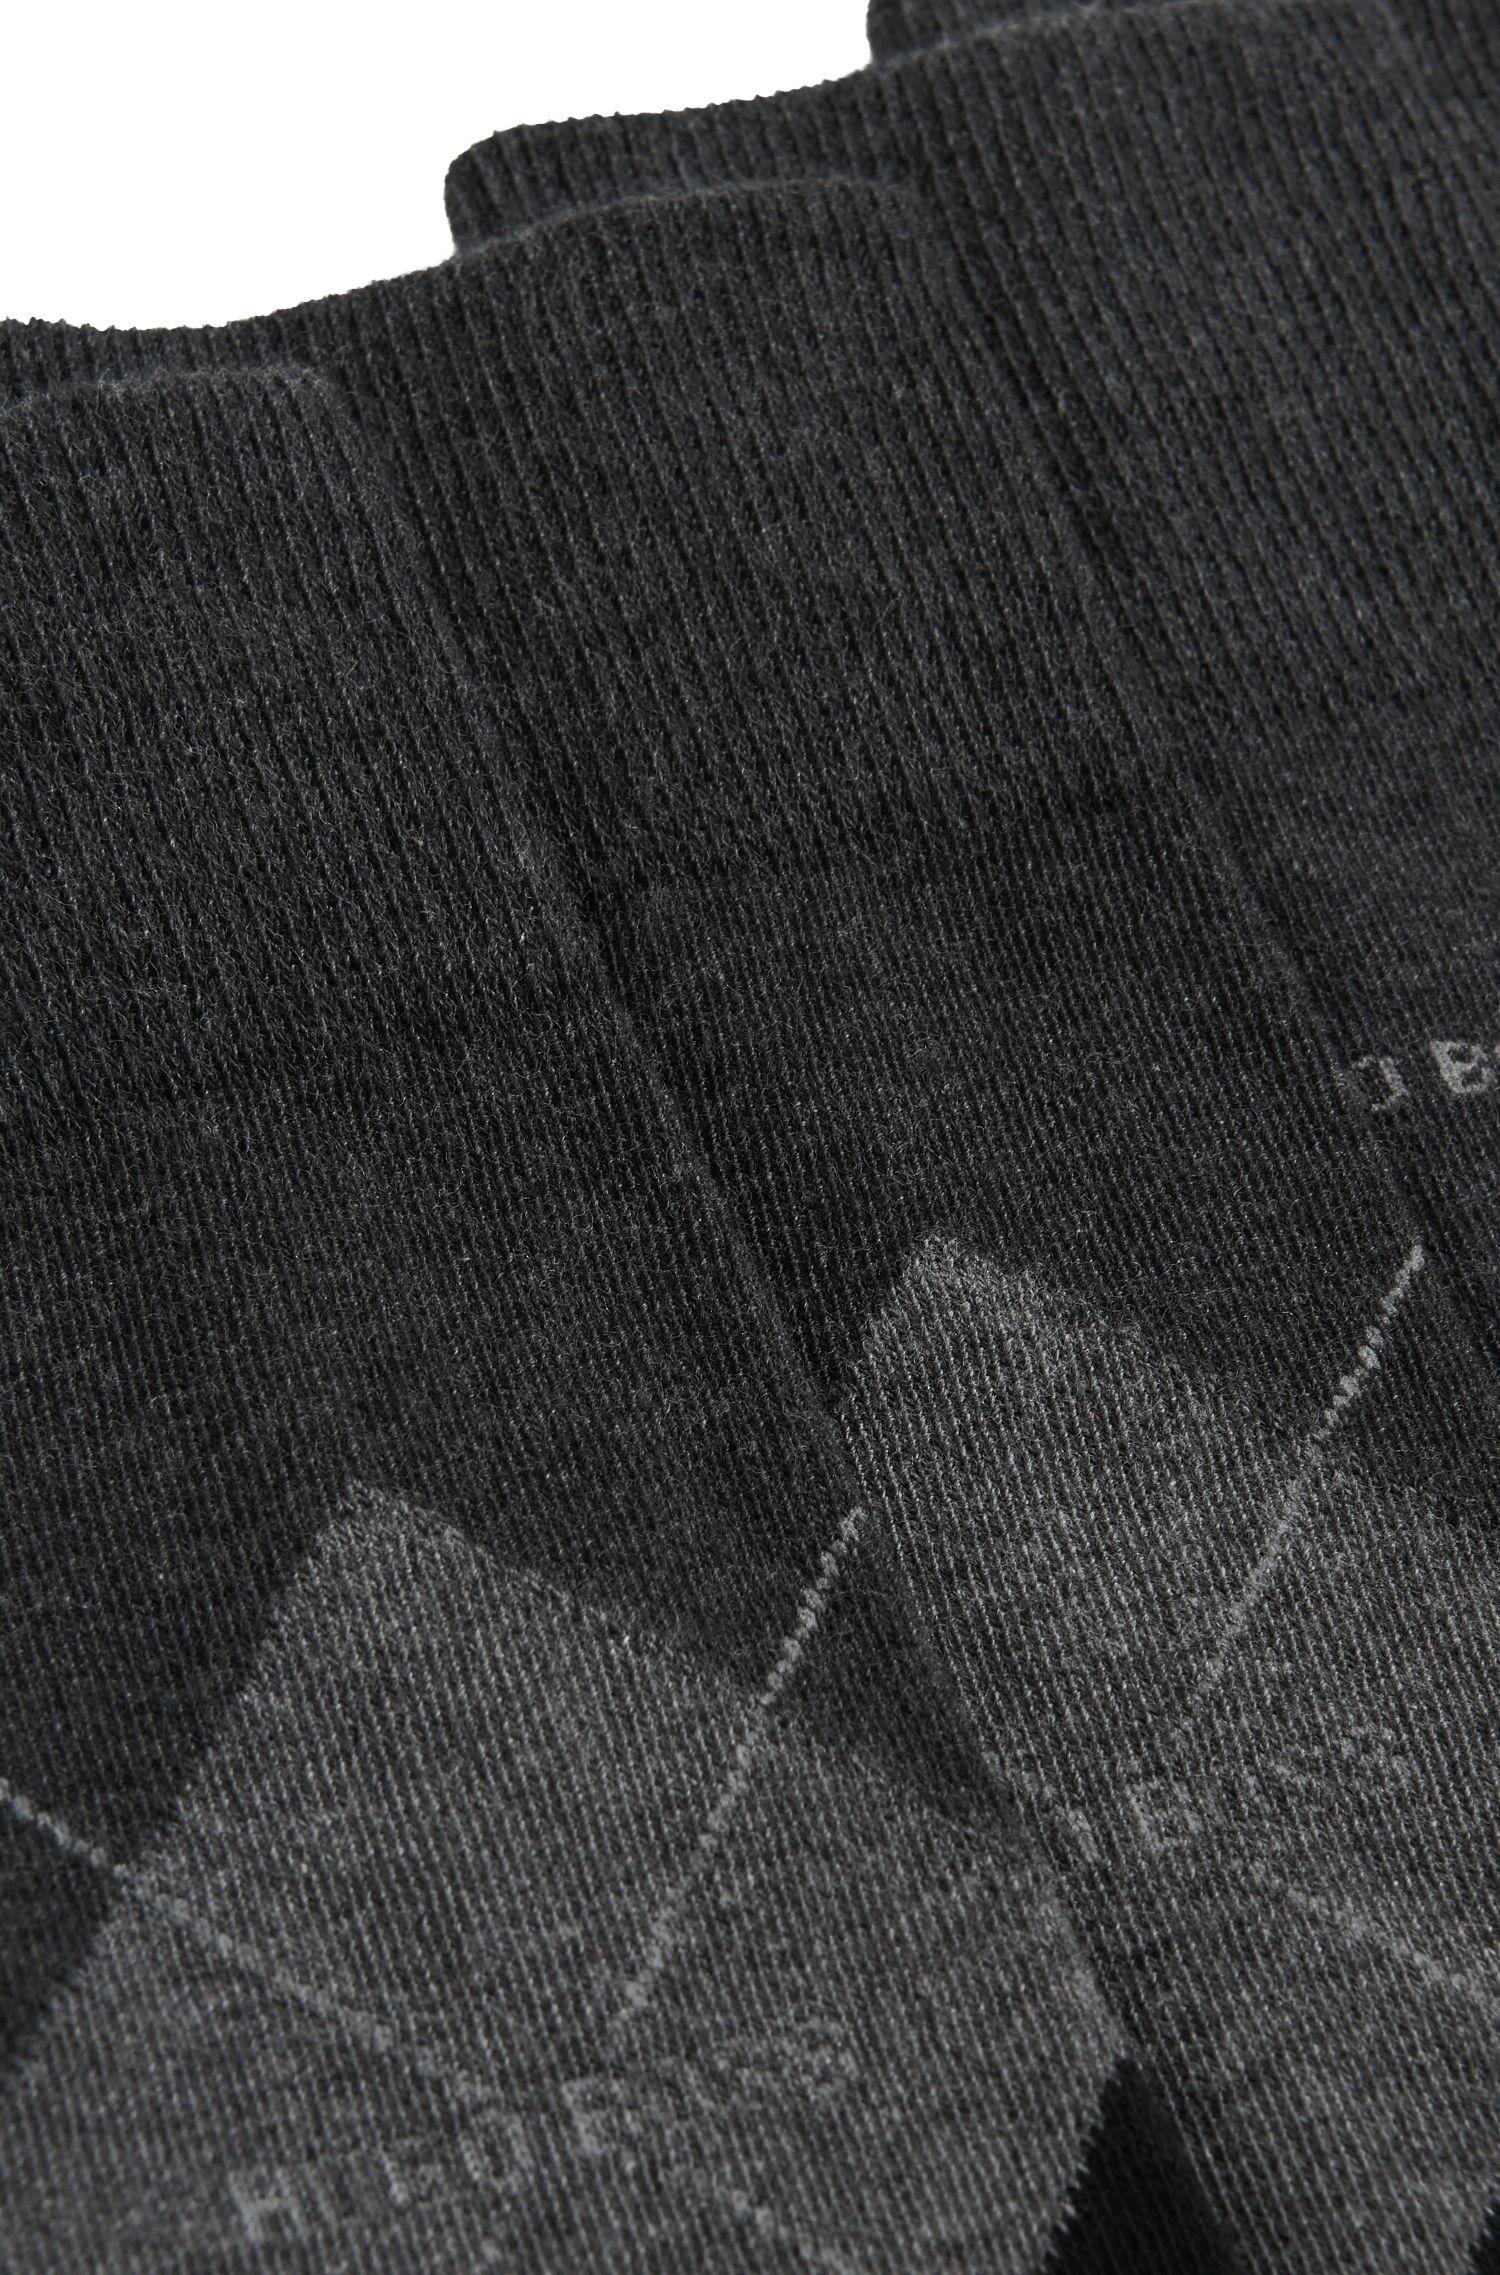 Chaussettes mi-mollet en coton peigné mélangé, en lot de deux, avec une paire unie et une paire à motif